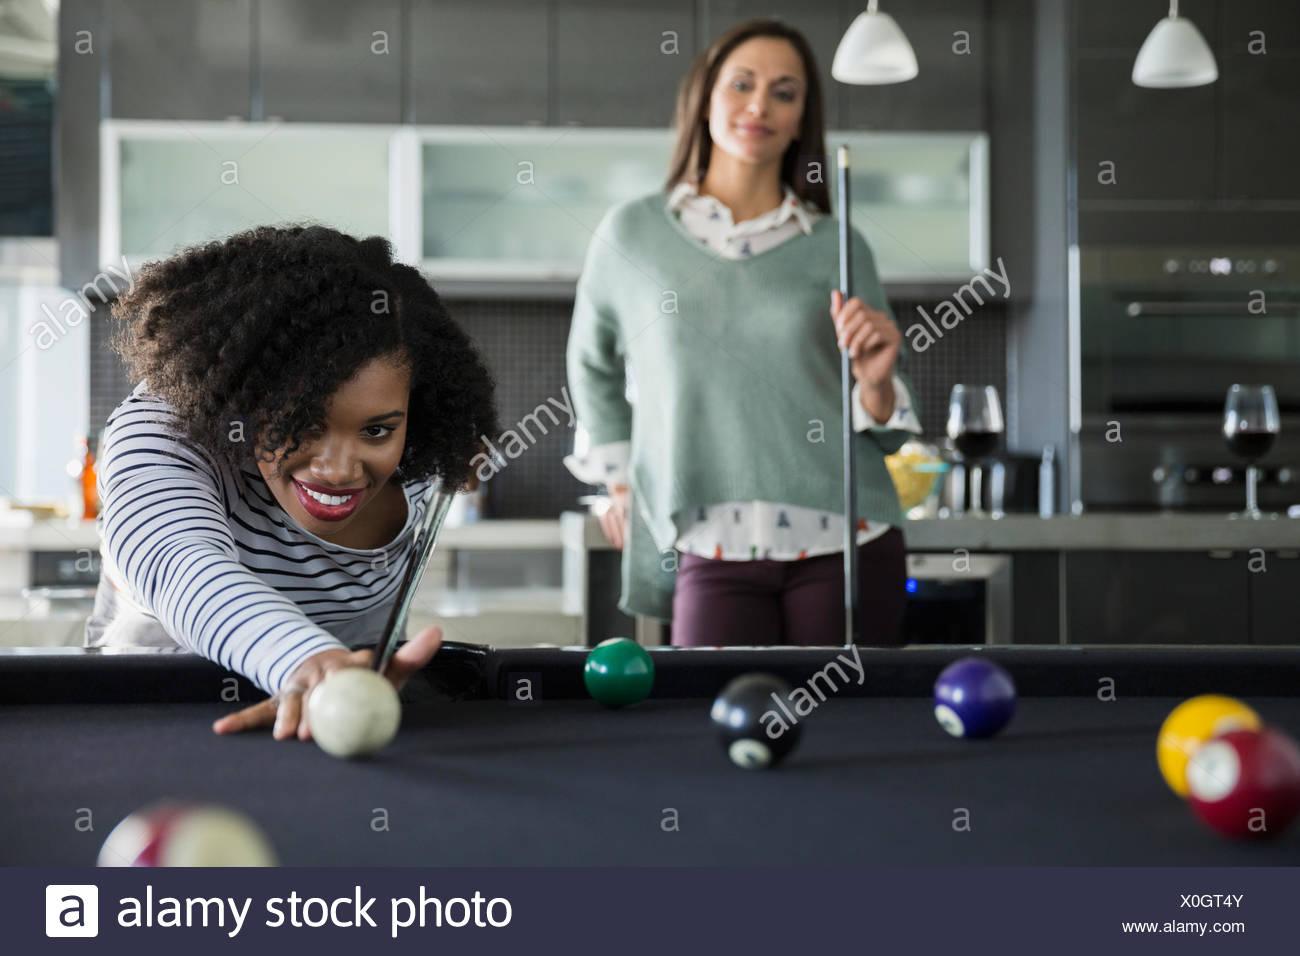 Women playing pool - Stock Image